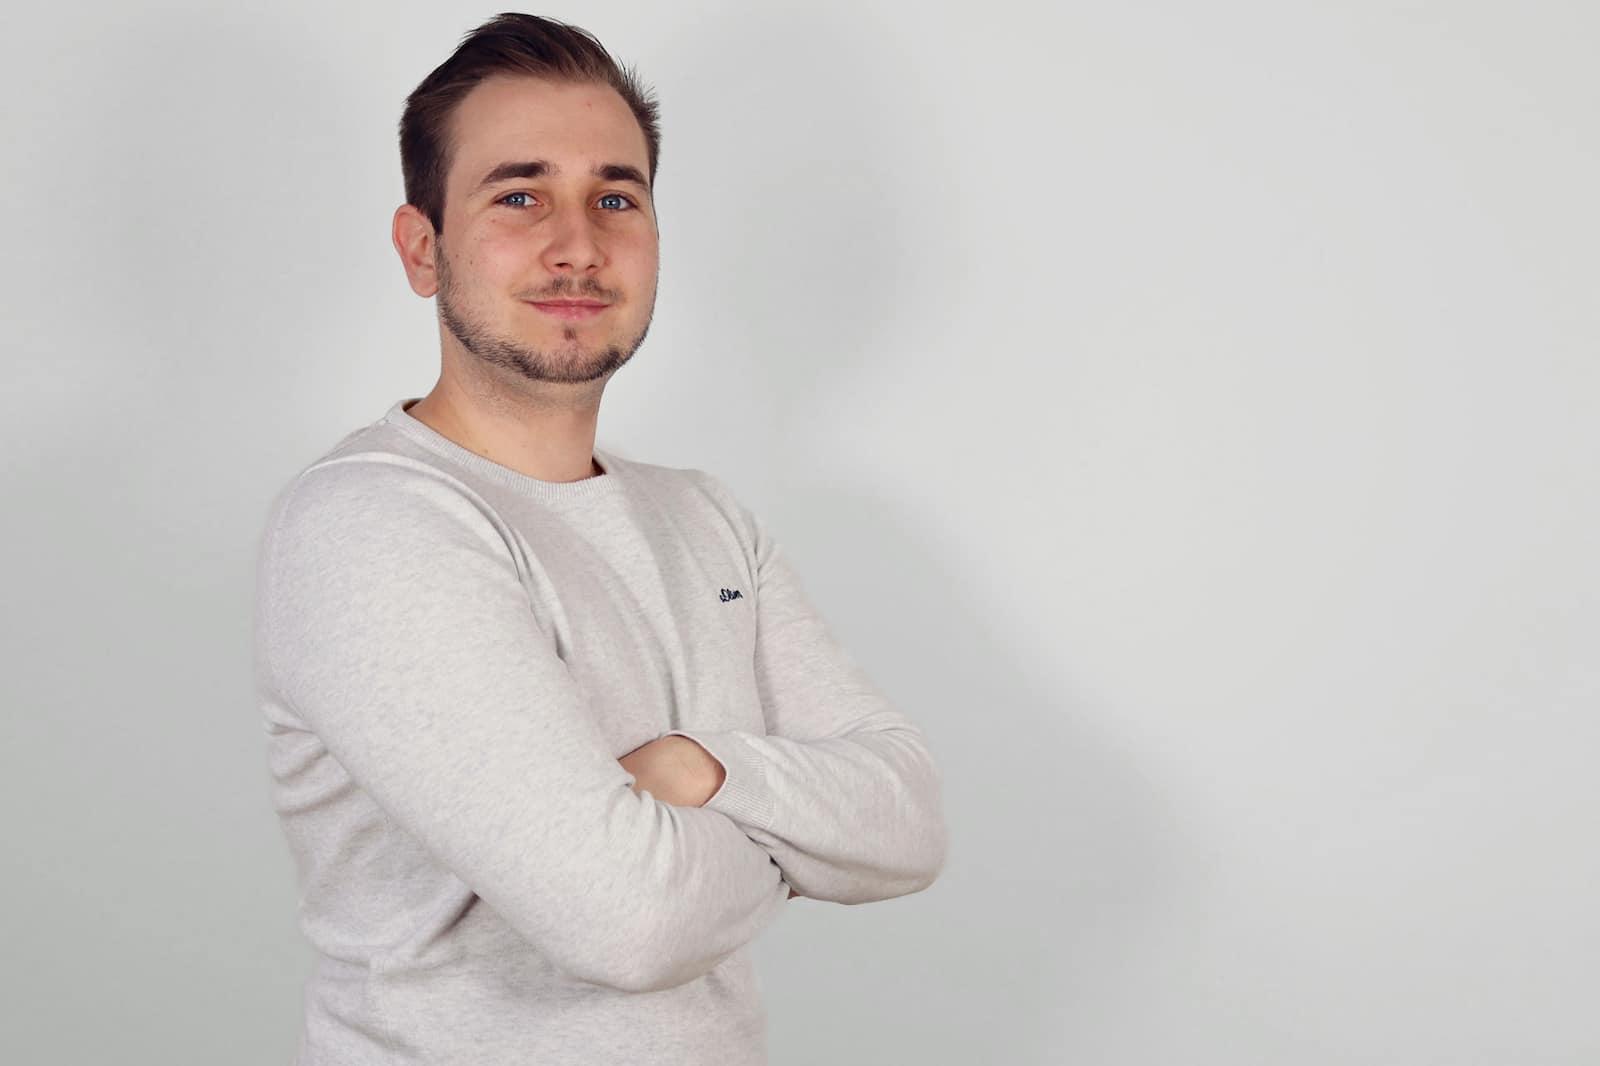 HELLO BEAUTY Marketing GmbH - Manuel Kuss - Ich arbeite neue apparative Behandlungen aus und bin geflasht wie viele Geräte mittlerweile zum Einsatz kommen bei unseren Kampagnen.